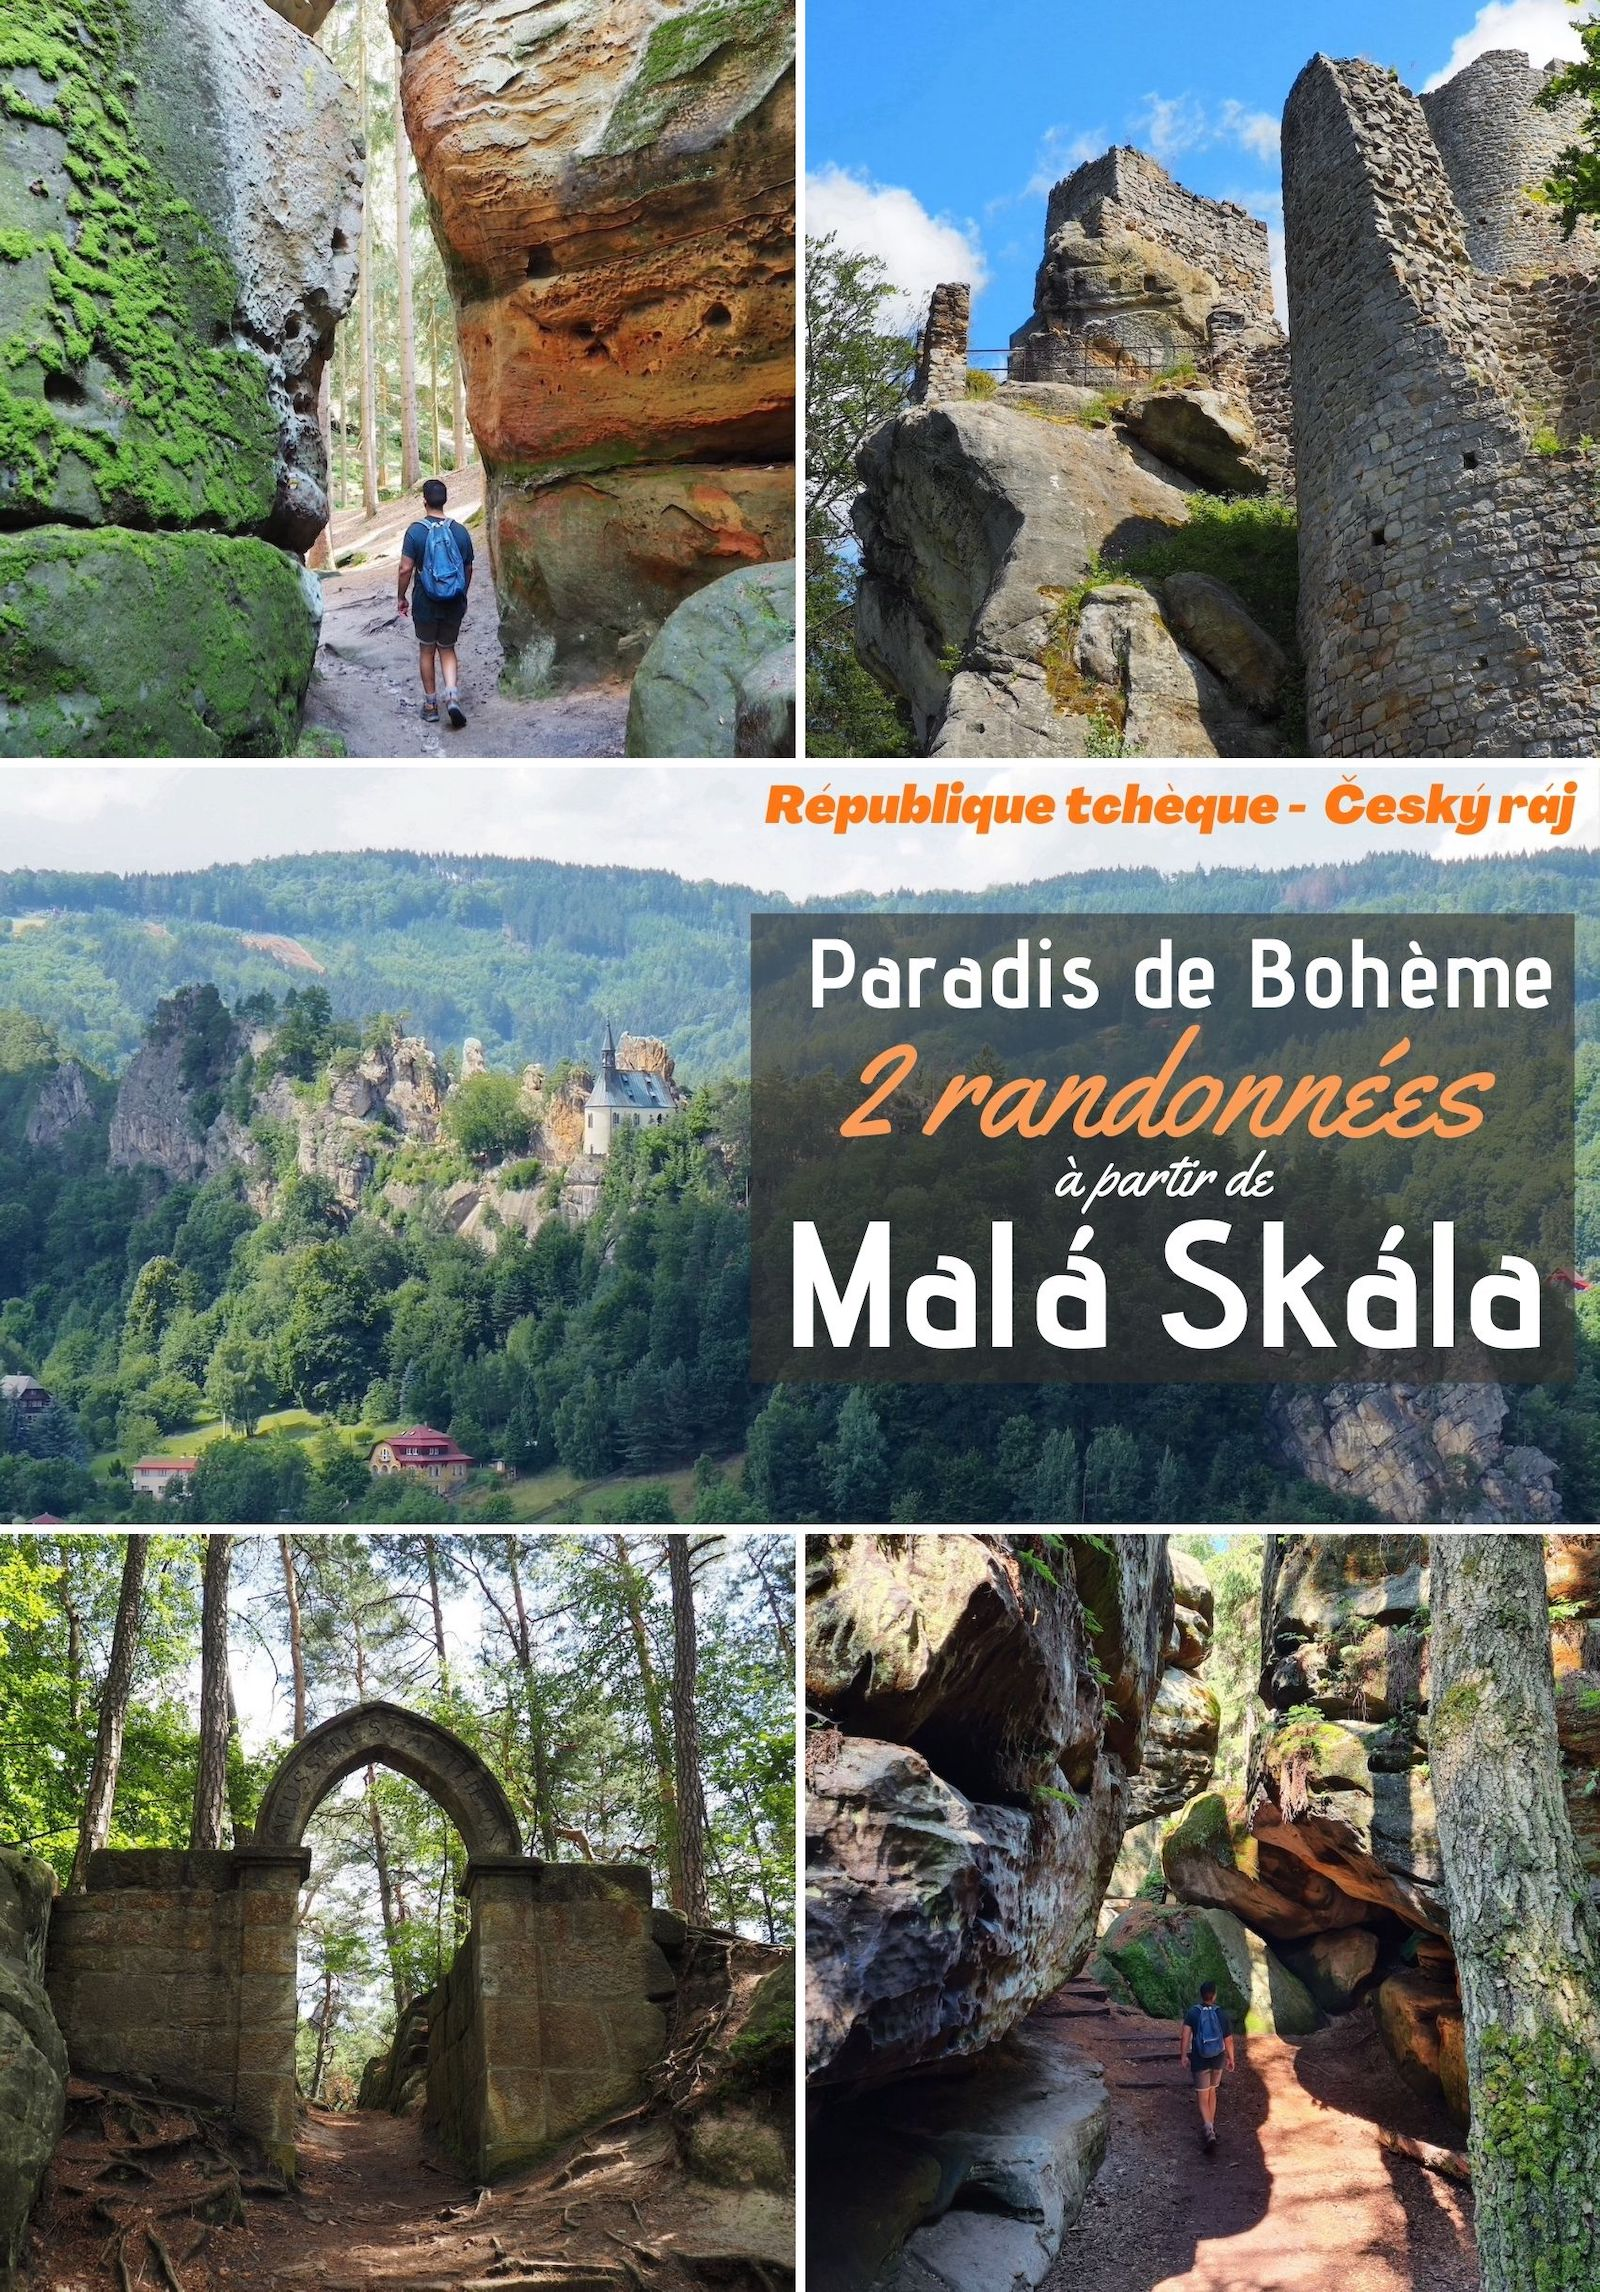 Randonnée au paradis Bohème, Cesky raj, en République Tchèque. Informations pratiques et deux parcours de randonnée depuis Malá Skála